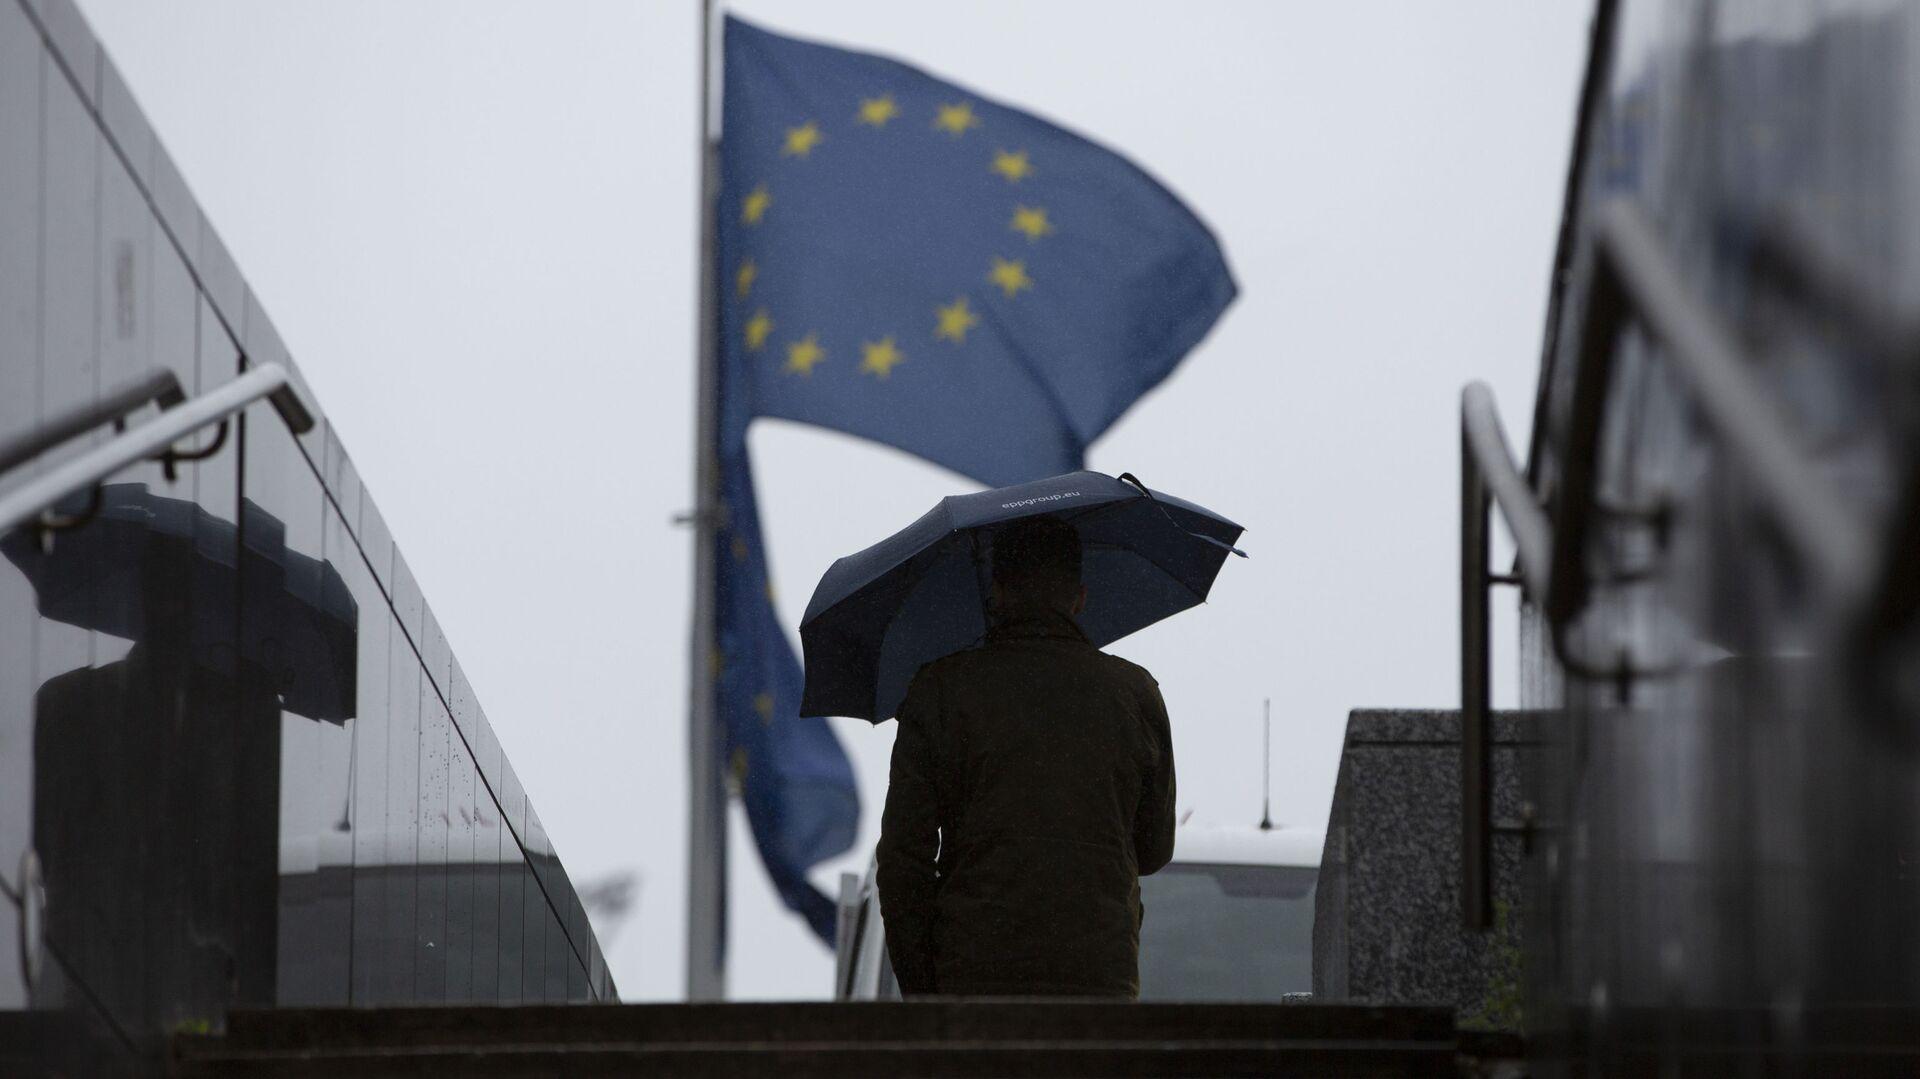 Muž prochází kolem sídla EU v Bruselu - Sputnik Česká republika, 1920, 13.02.2021